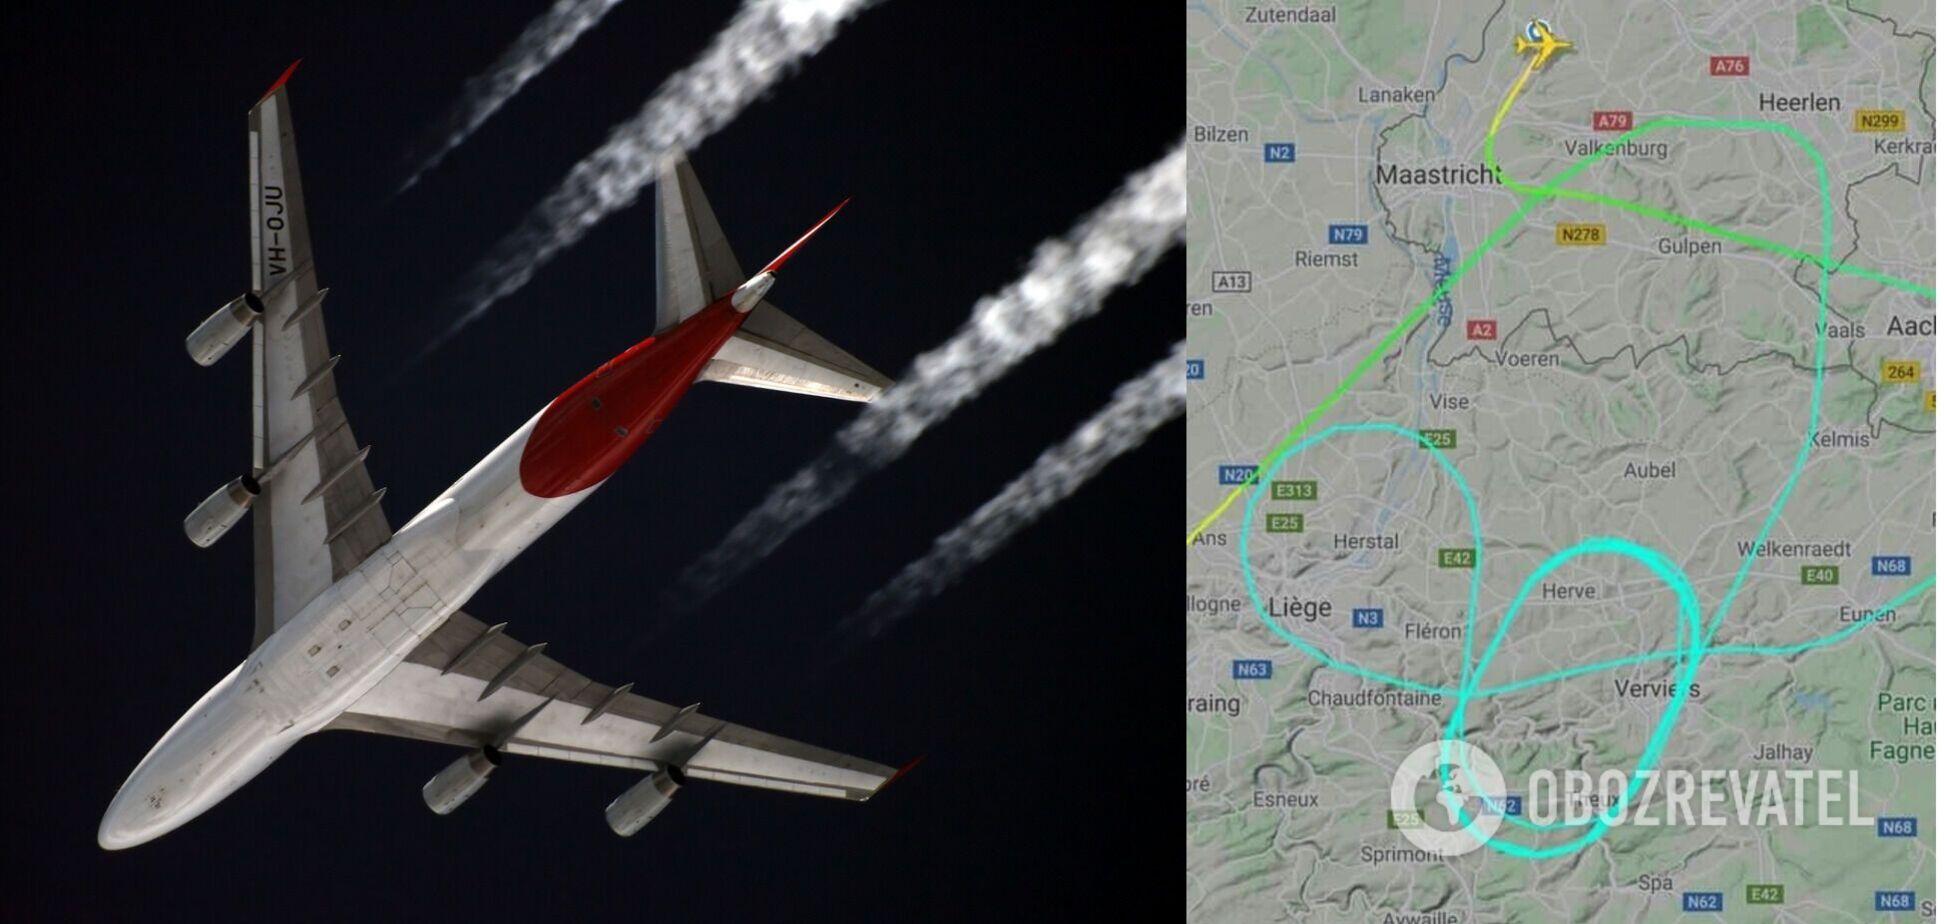 В Нидерландах части двигателя Boeing упали на женщину